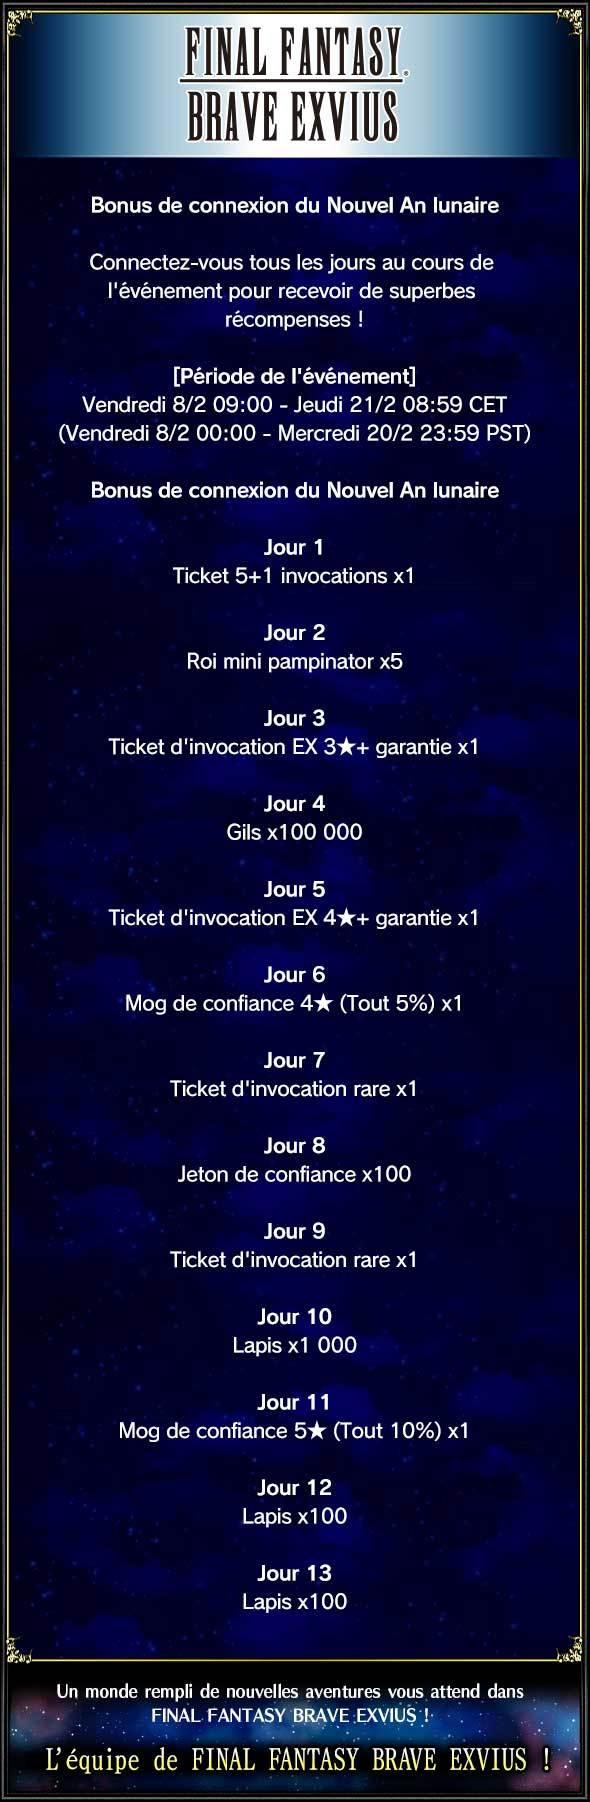 Bonus de connexion - Nouvel An Lunaire - du 08/02 au 21/02/19 Feb7Lunar_New_Year_Login_Bonus